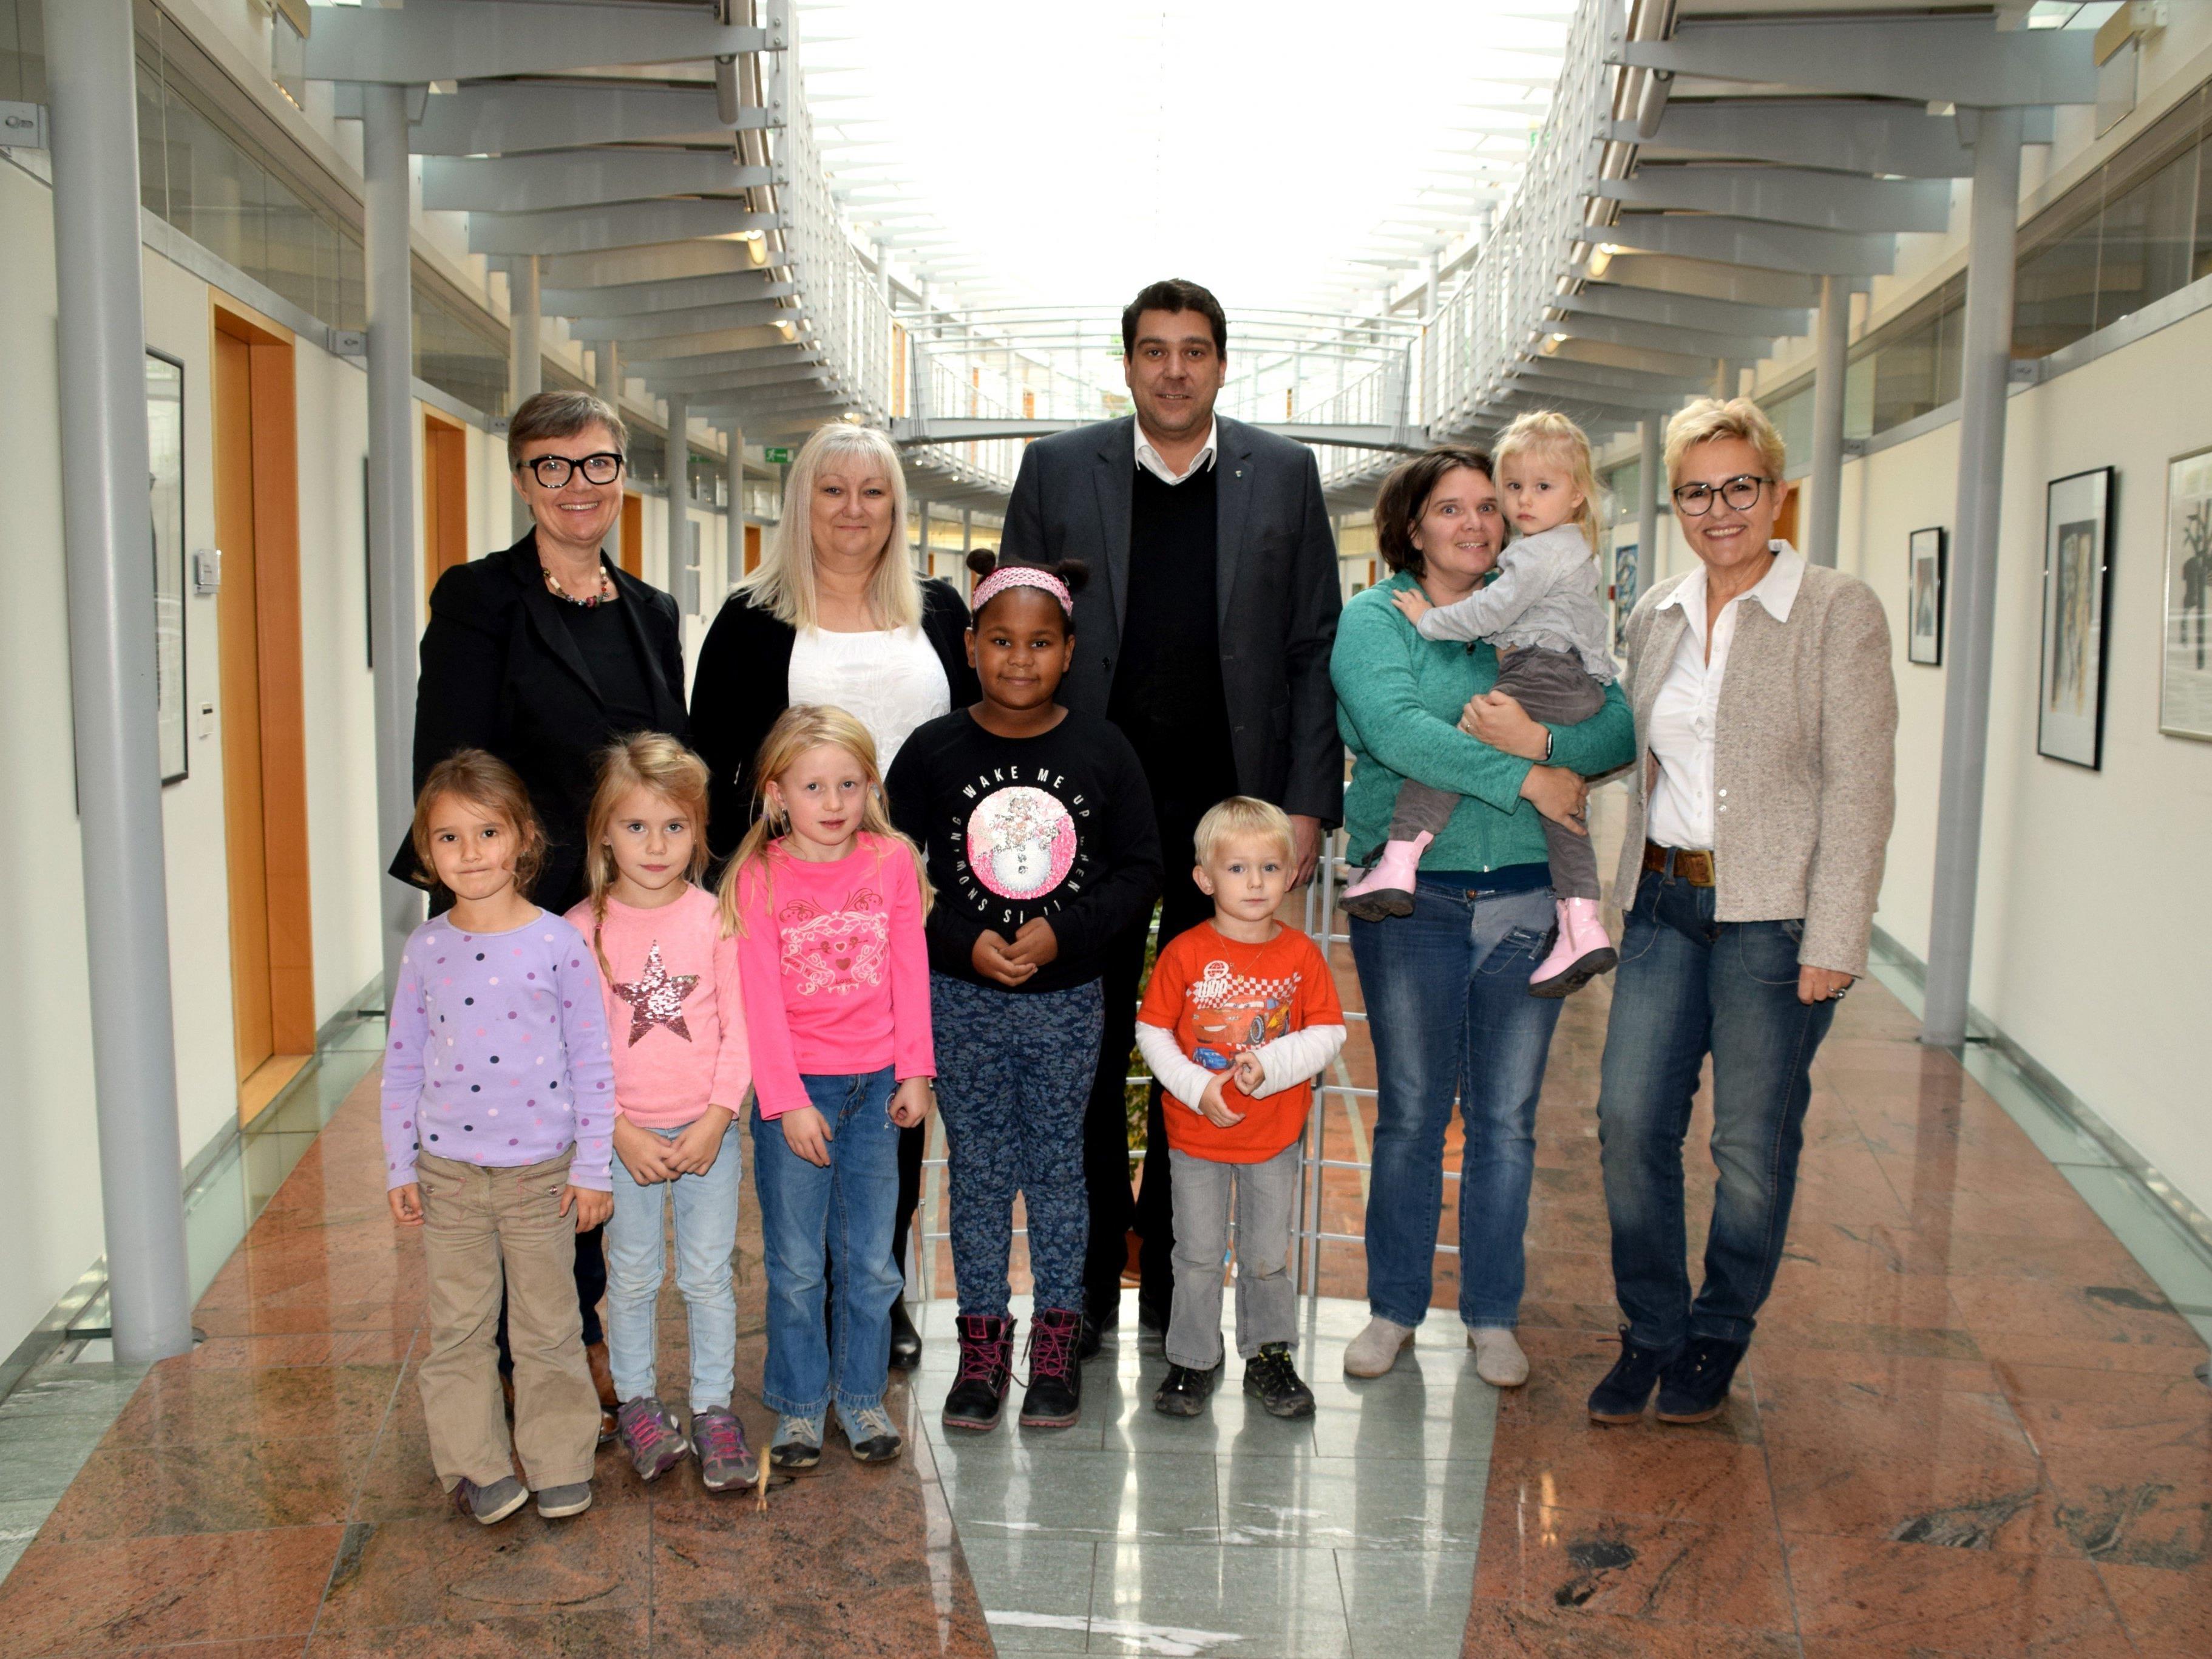 Bürgermeister Harald Köhlmeier freute sich über den Besuch der Tagesmütter und Kinder.